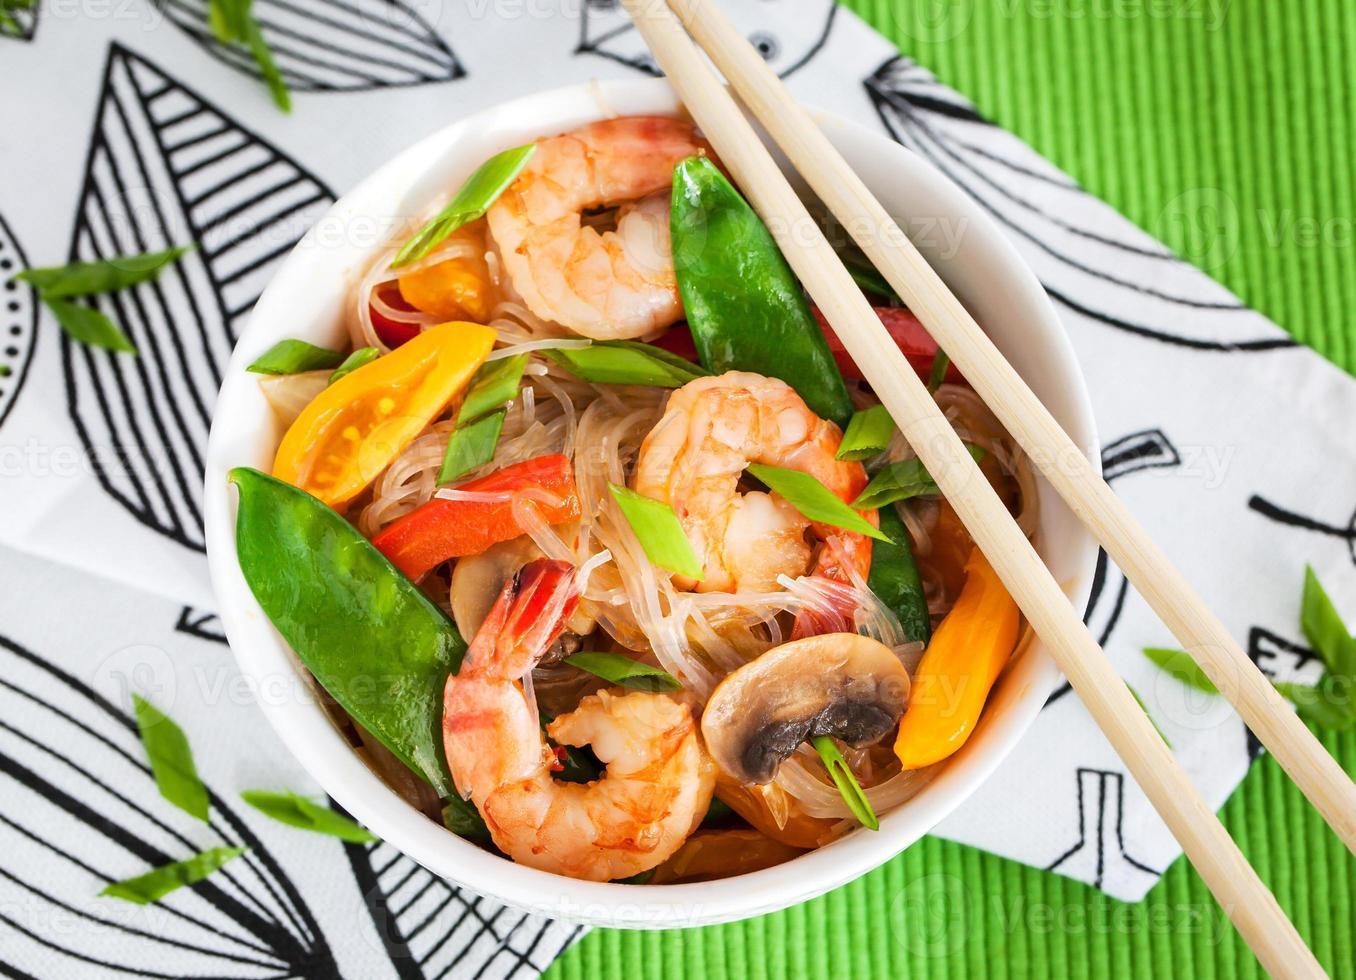 nouilles en verre de riz aux crevettes et légumes photo